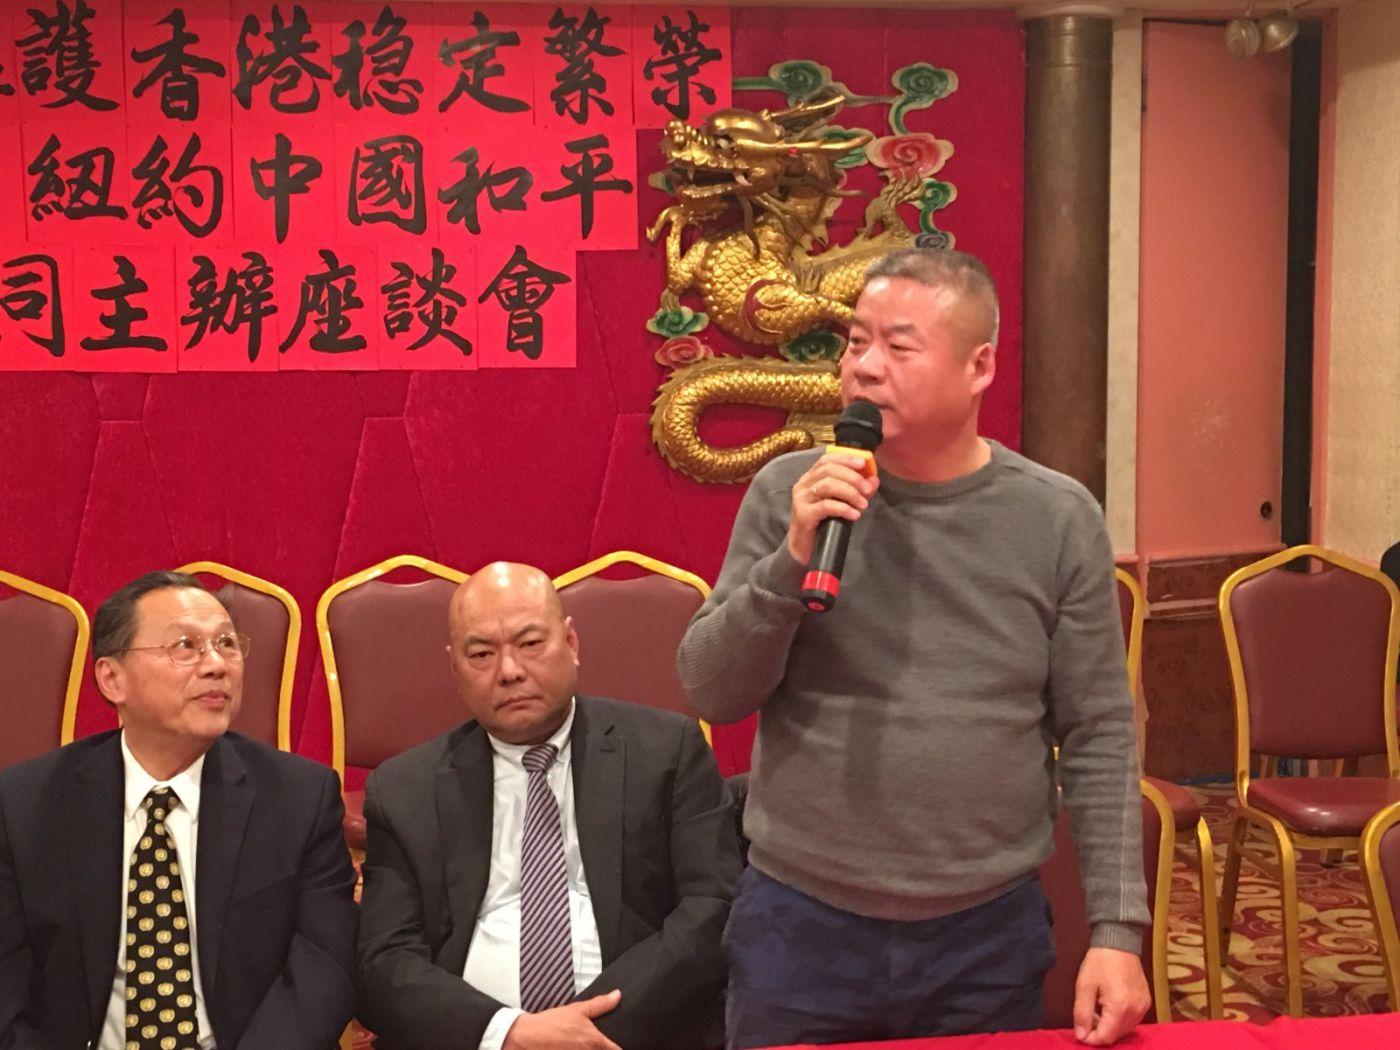 紐約華人華僑維護香港穩定繁榮座談會在紐約舉行_图1-9